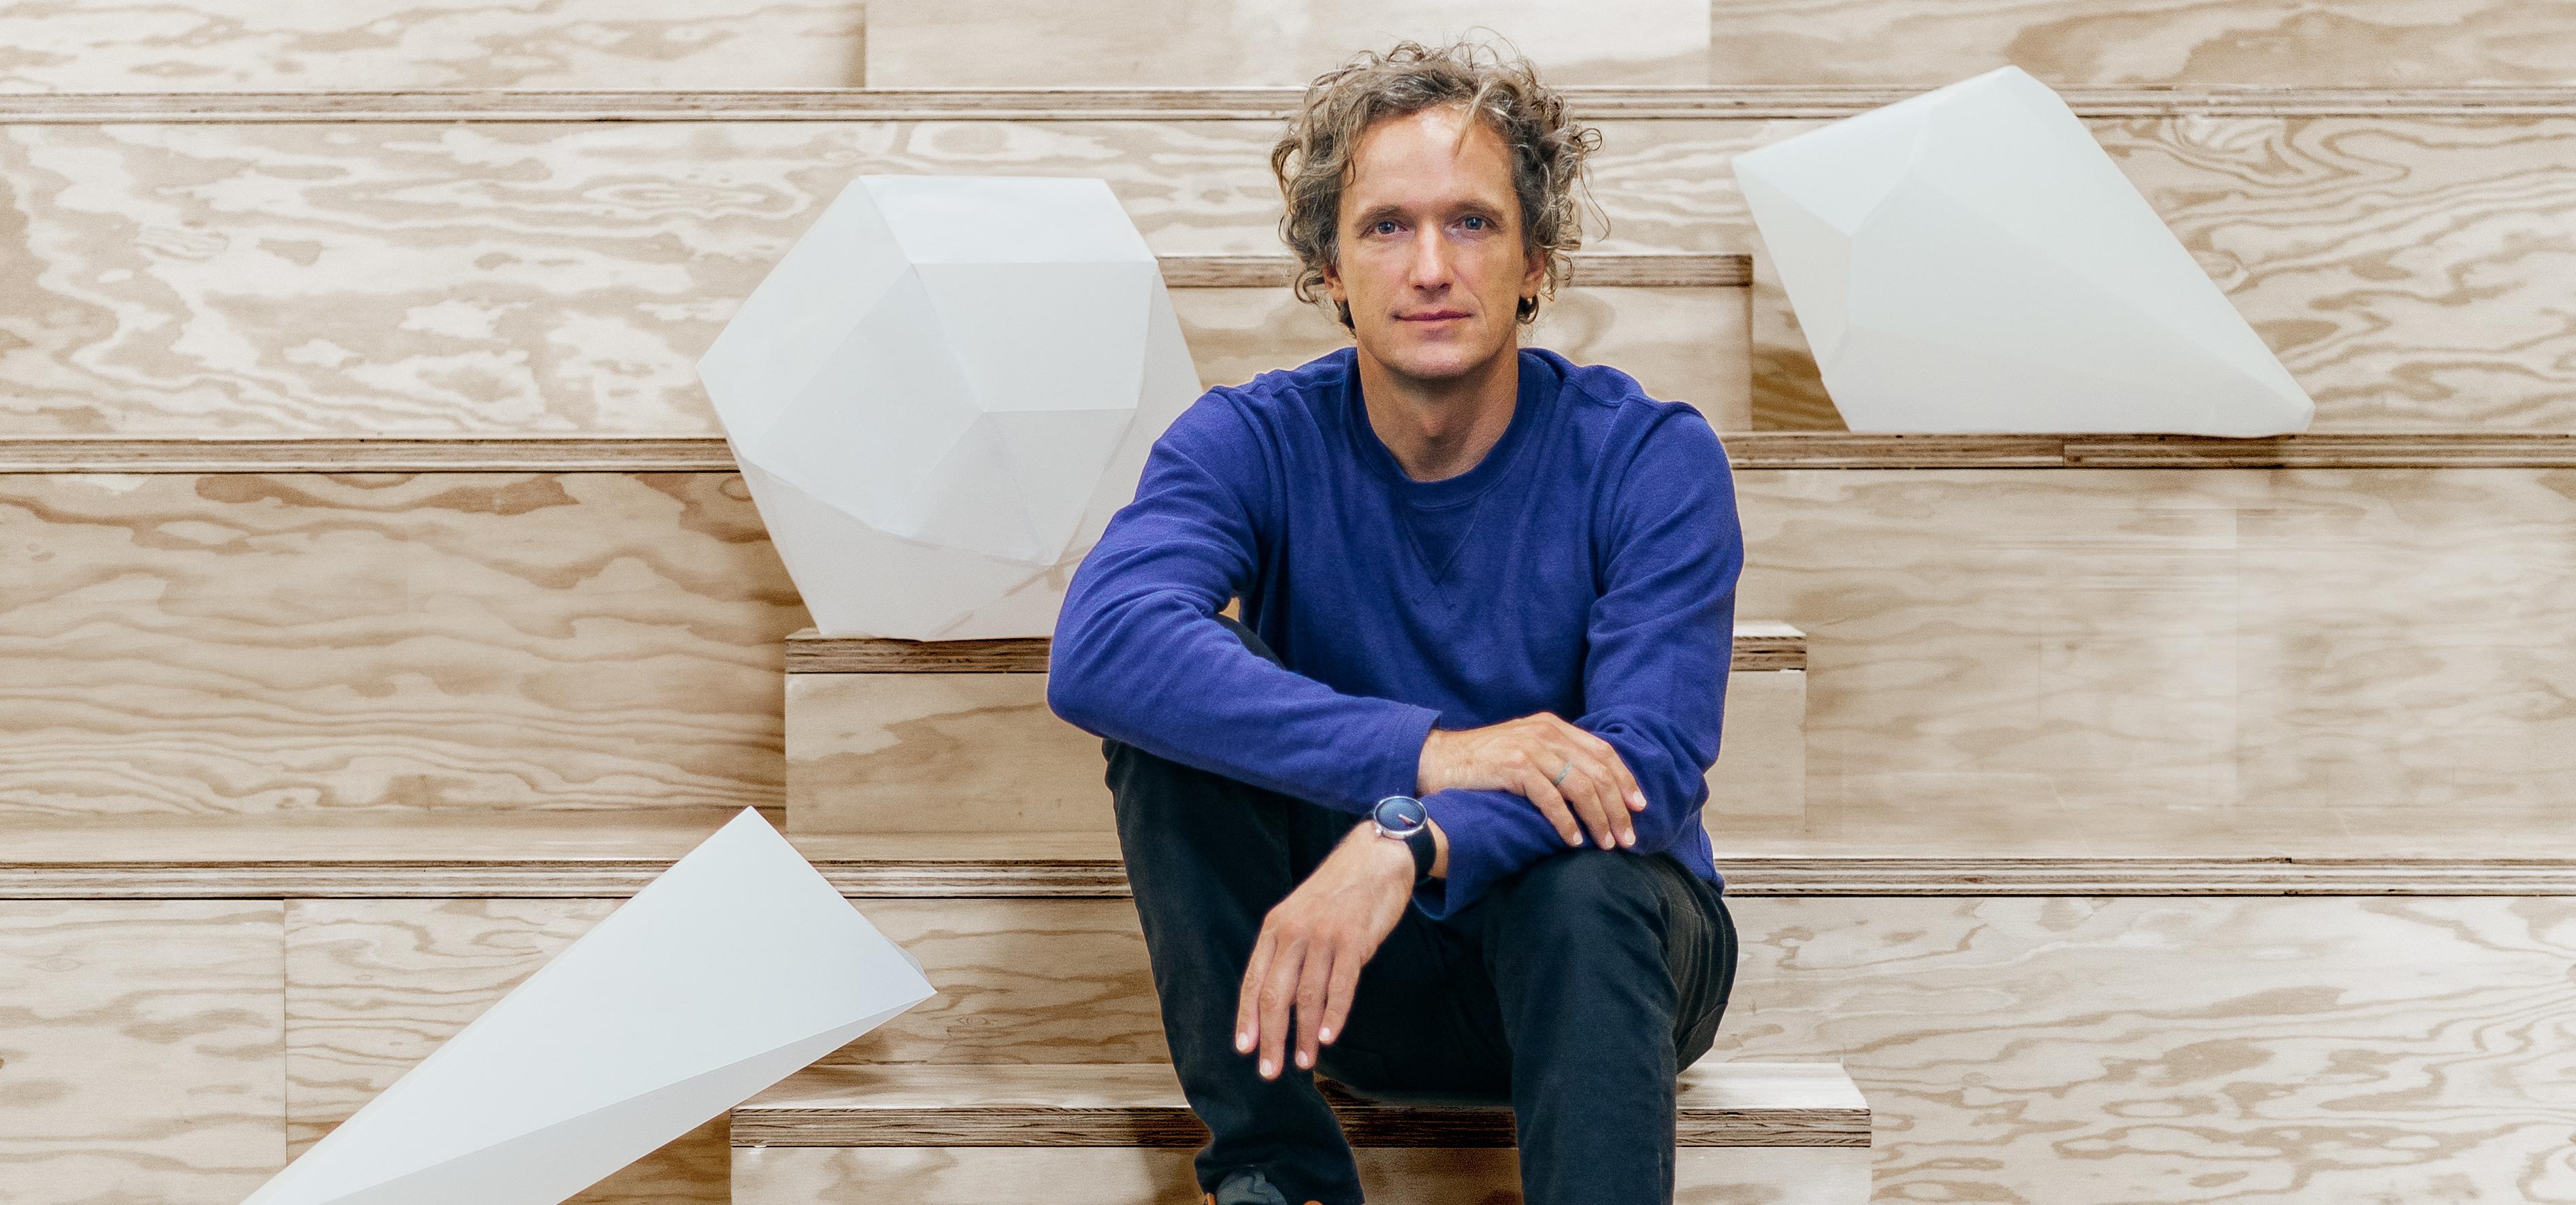 Yves Béhar, photography Justin Buell